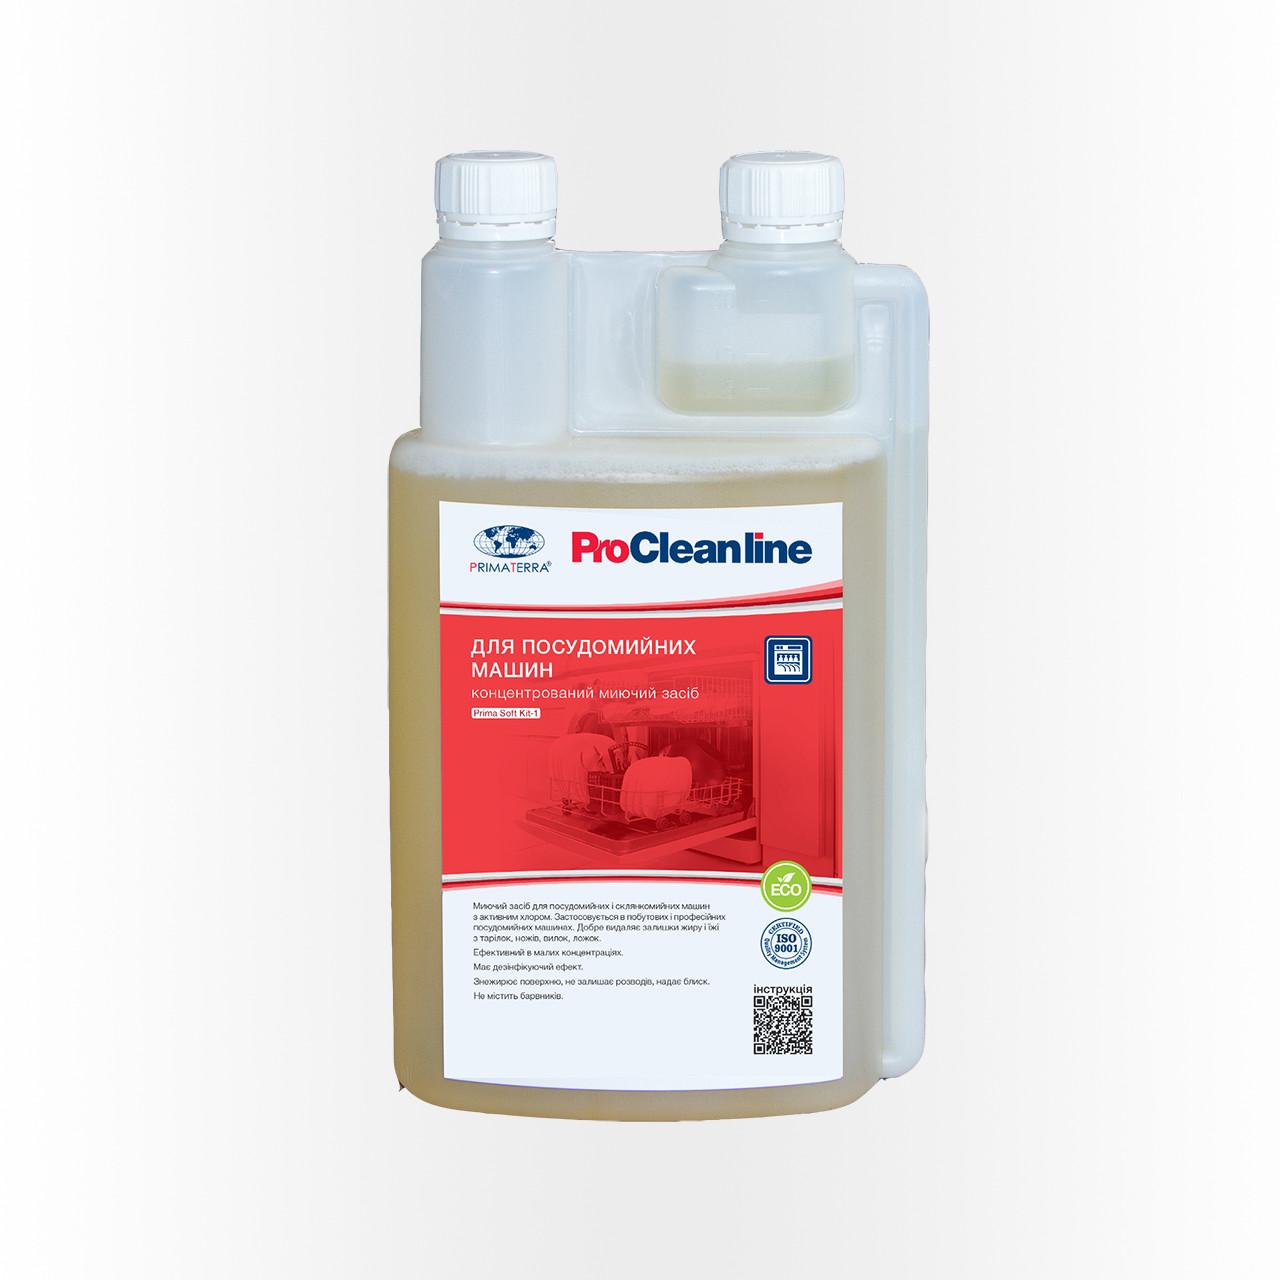 Для посудомоечной машины с активным хлором, концентрат, PRIMATERRA Soft Kit-1 (1,25кг) Д